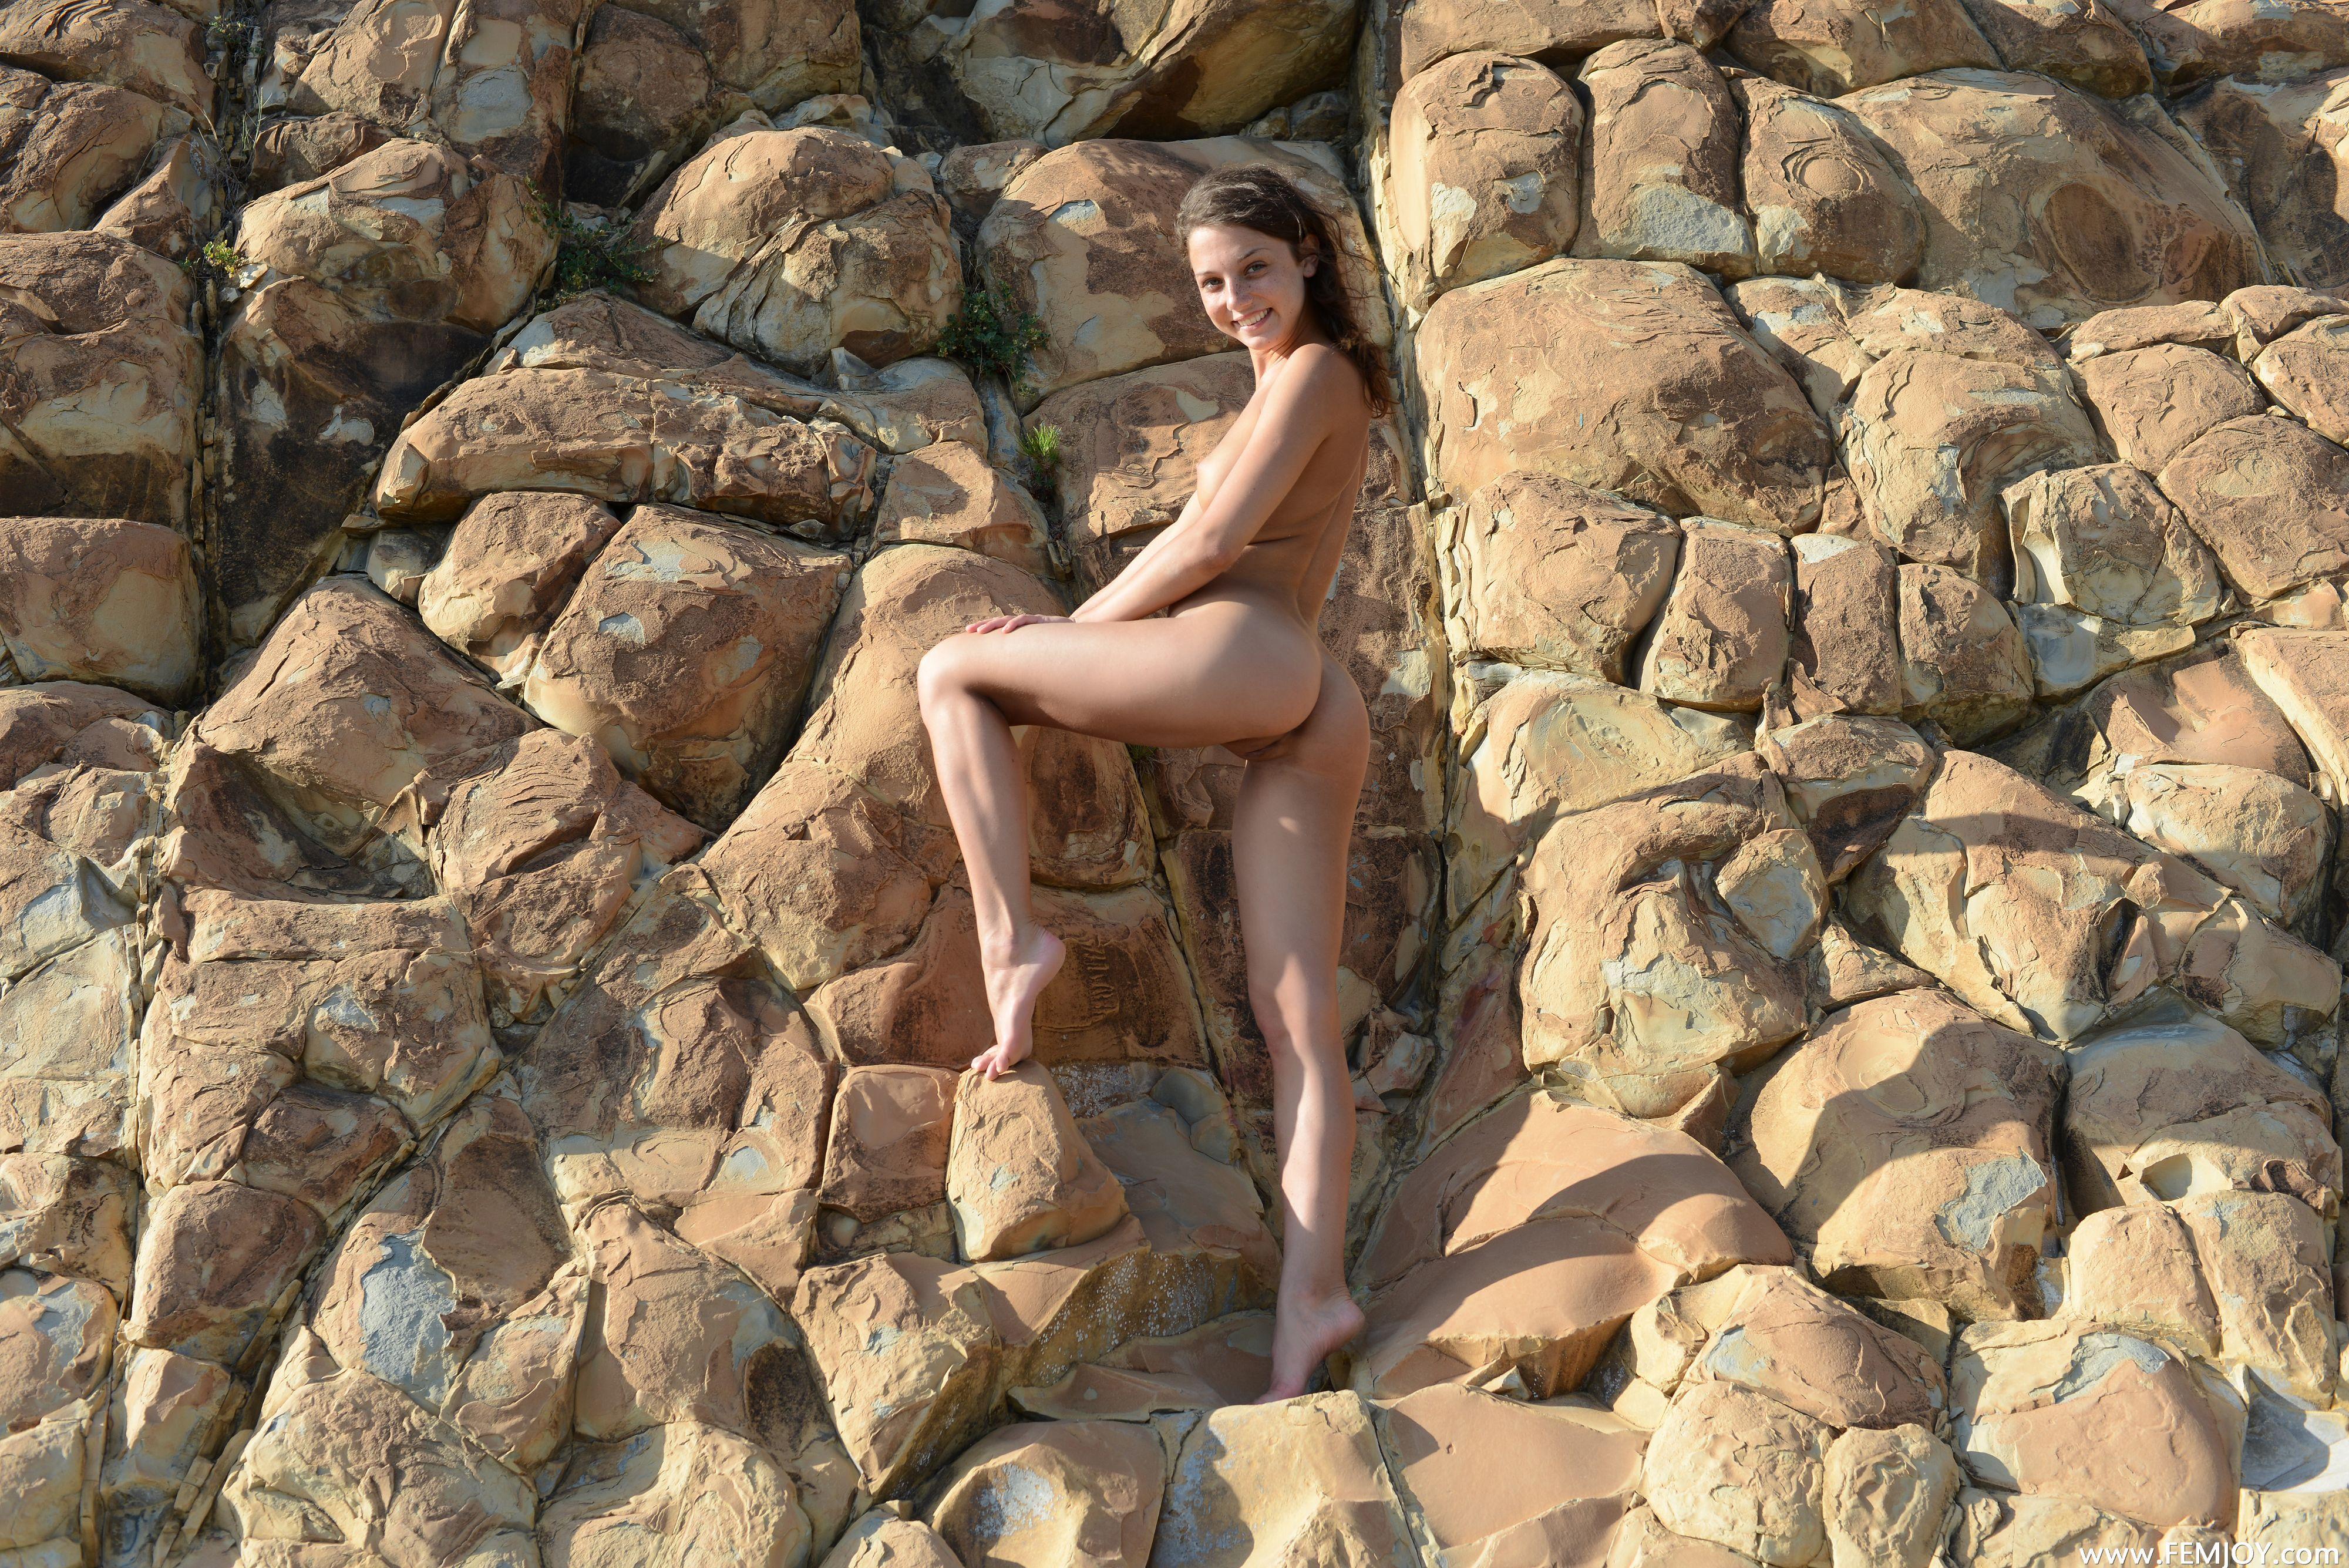 http://i6.imageban.ru/out/2013/10/27/4bdb7e2b6973f3efac1f650b25957600.jpg